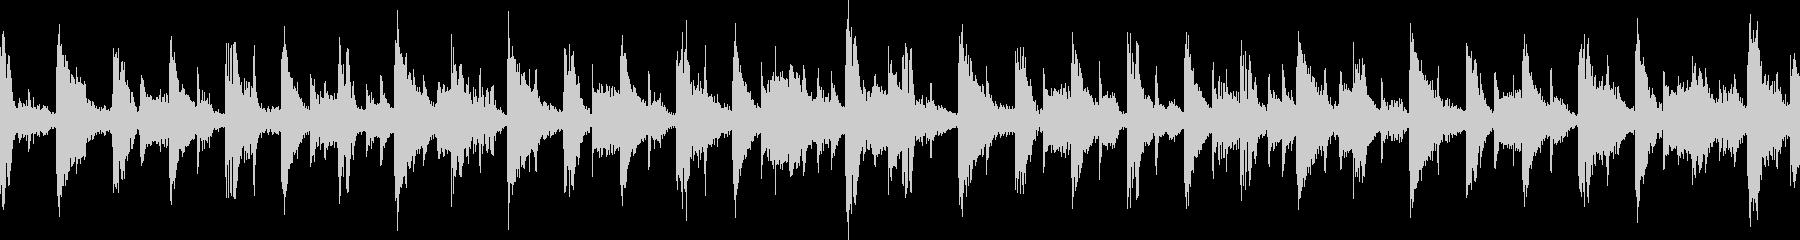 キャラ選択、システム画面(ループ)5の未再生の波形